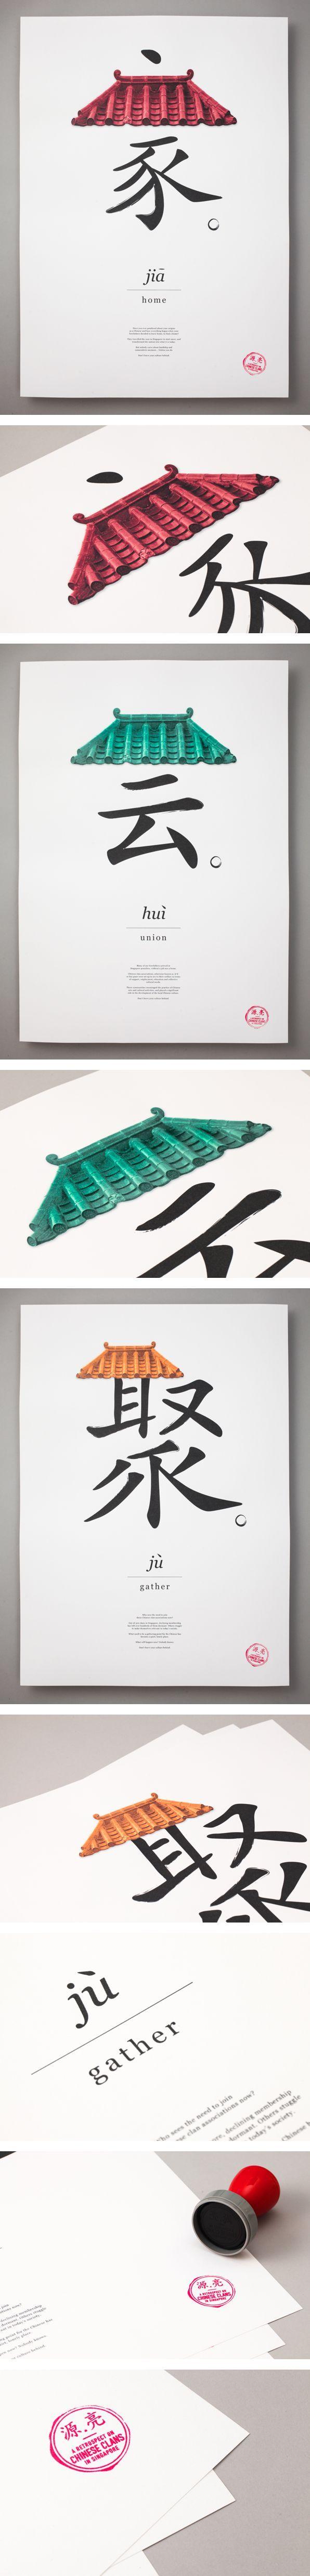 源 . 亮 : A Retrospect on Chinese Clans in Singapore (The Posters) on Behance, By Serene Yap